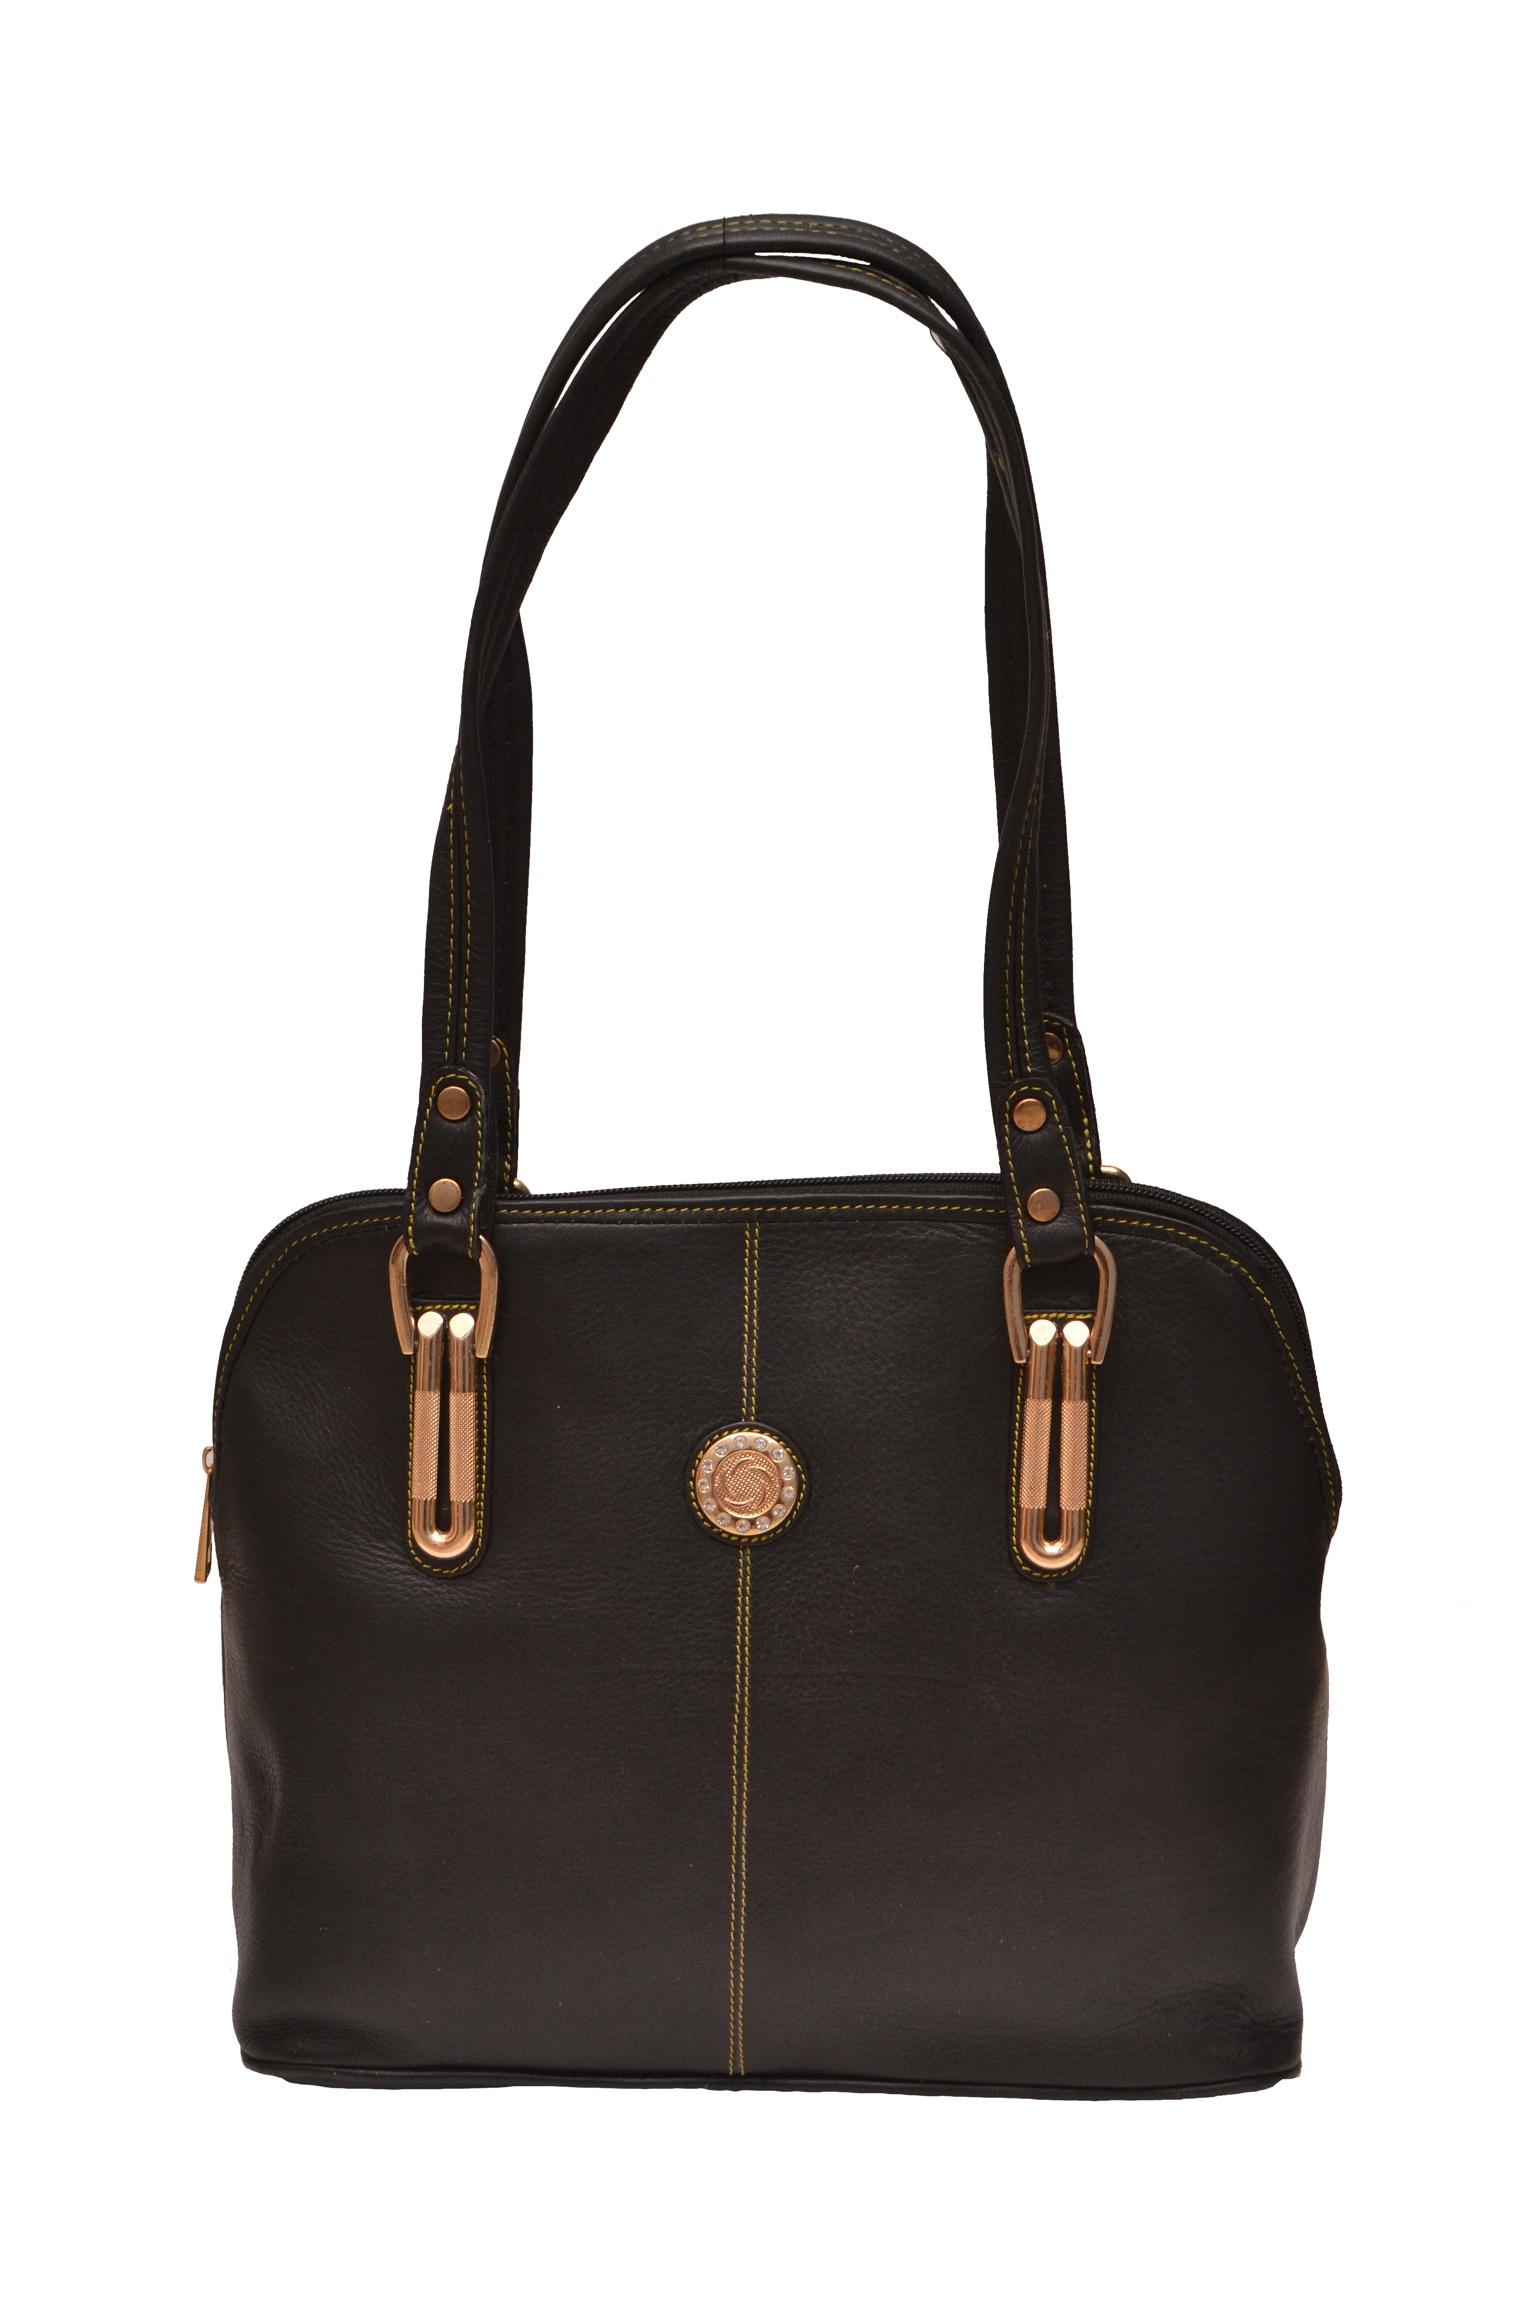 ZINT GENUINE LEATHER BLACK HANDMADE SHOULDER BAG SHOPPING BAG PURSE ... d129410159